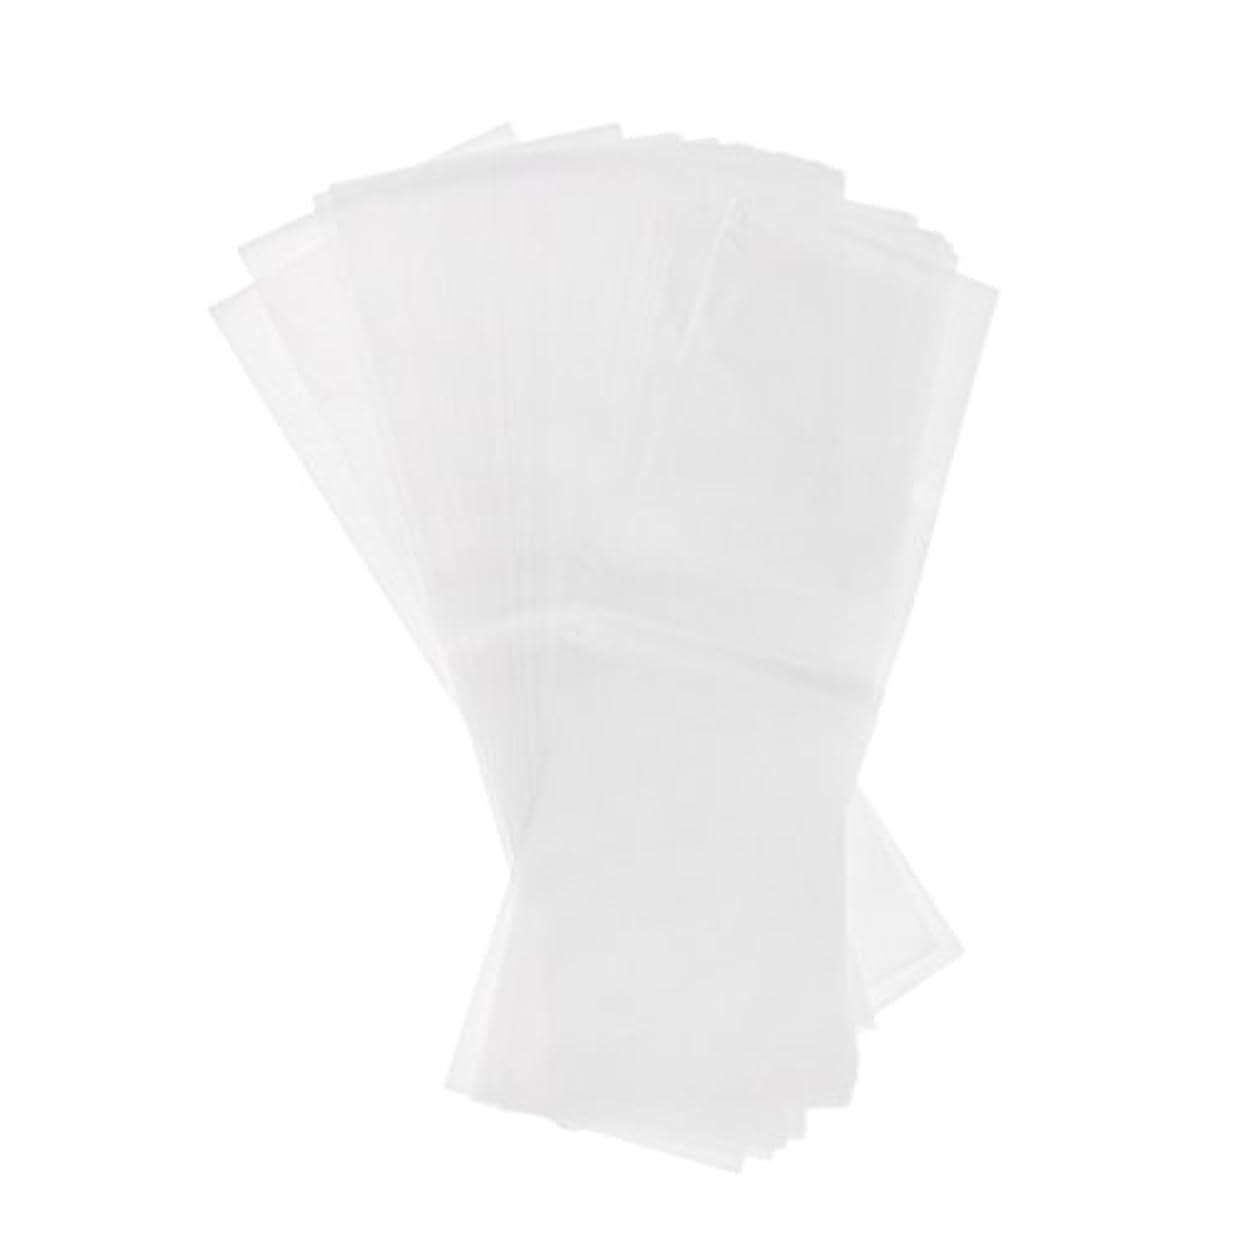 巨大な専ら不良品F Fityle 約100個 毛染め サロン プラスチック 染毛紙 色のハイライト 分離シート 再利用可能